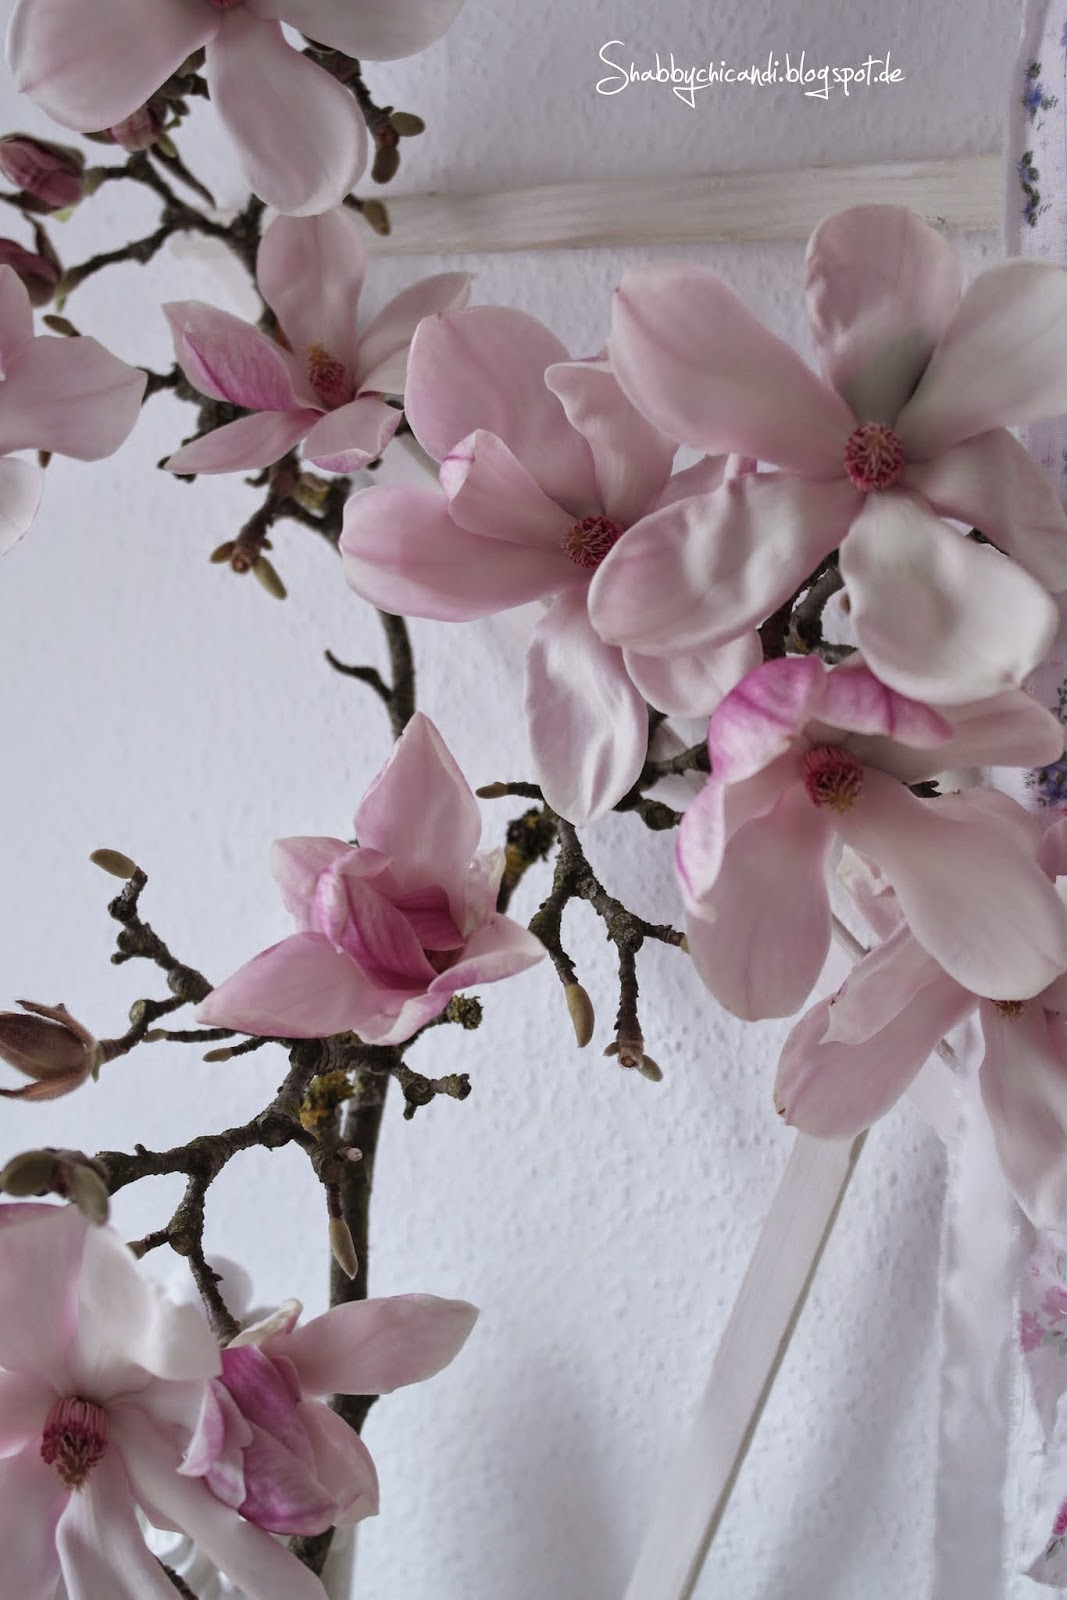 Magnolienzweig....wunderschön zur Shabby chic Dekoration